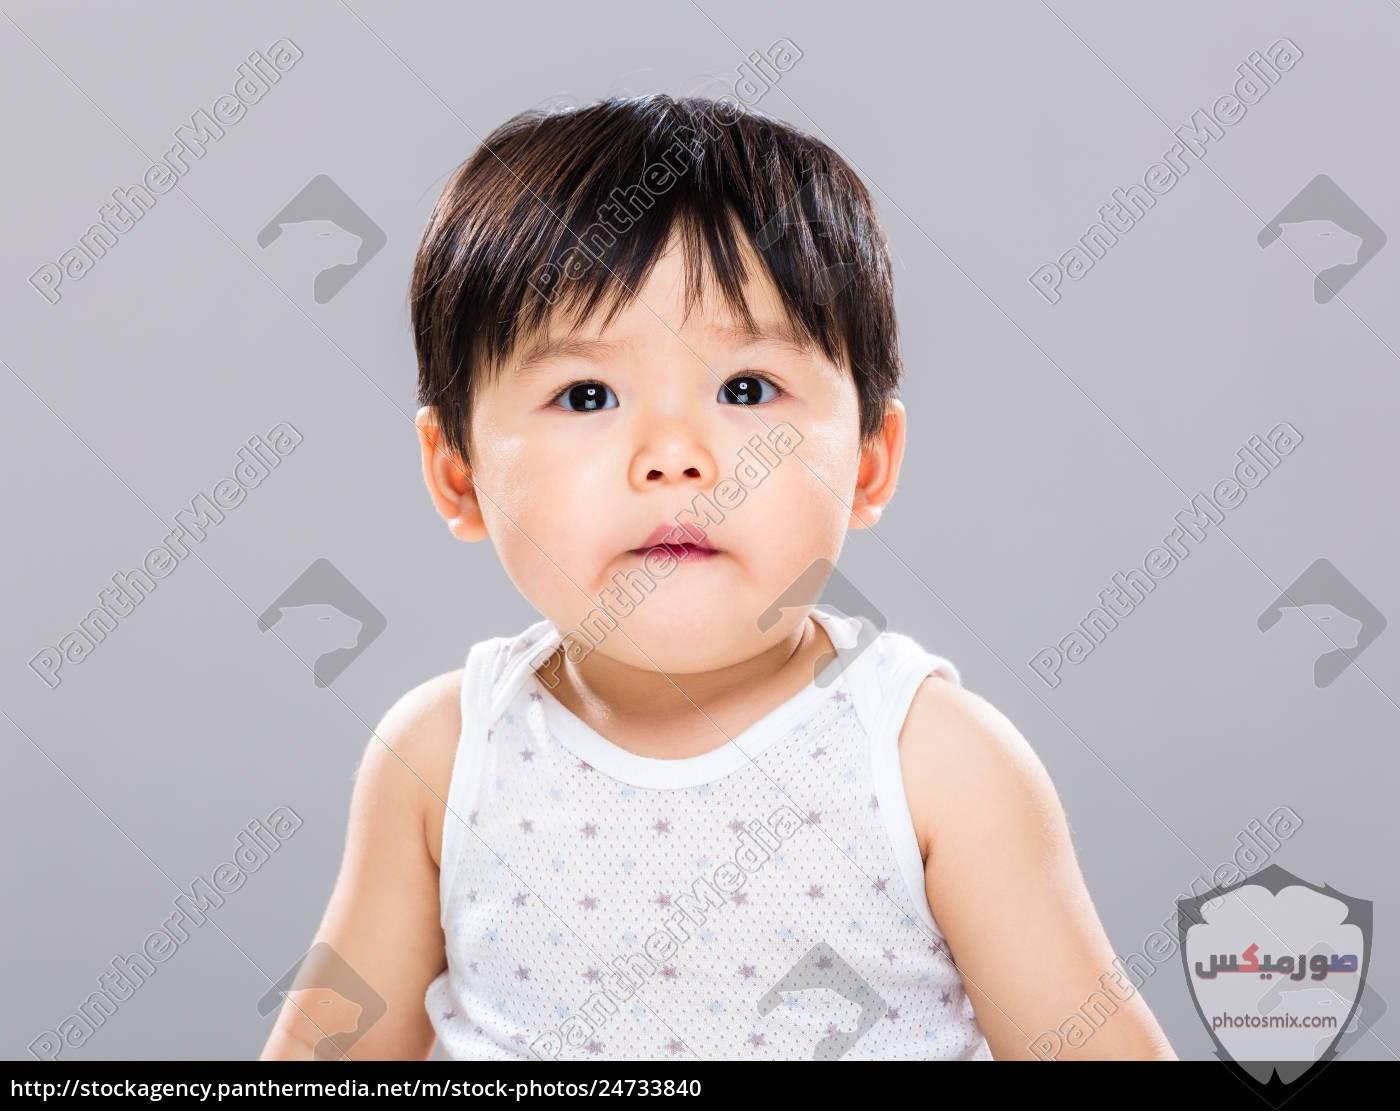 صور اطفال 2021 تحميل اكثر من 100 صور اطفال جميلة صور اطفال روعة 2020 74 1